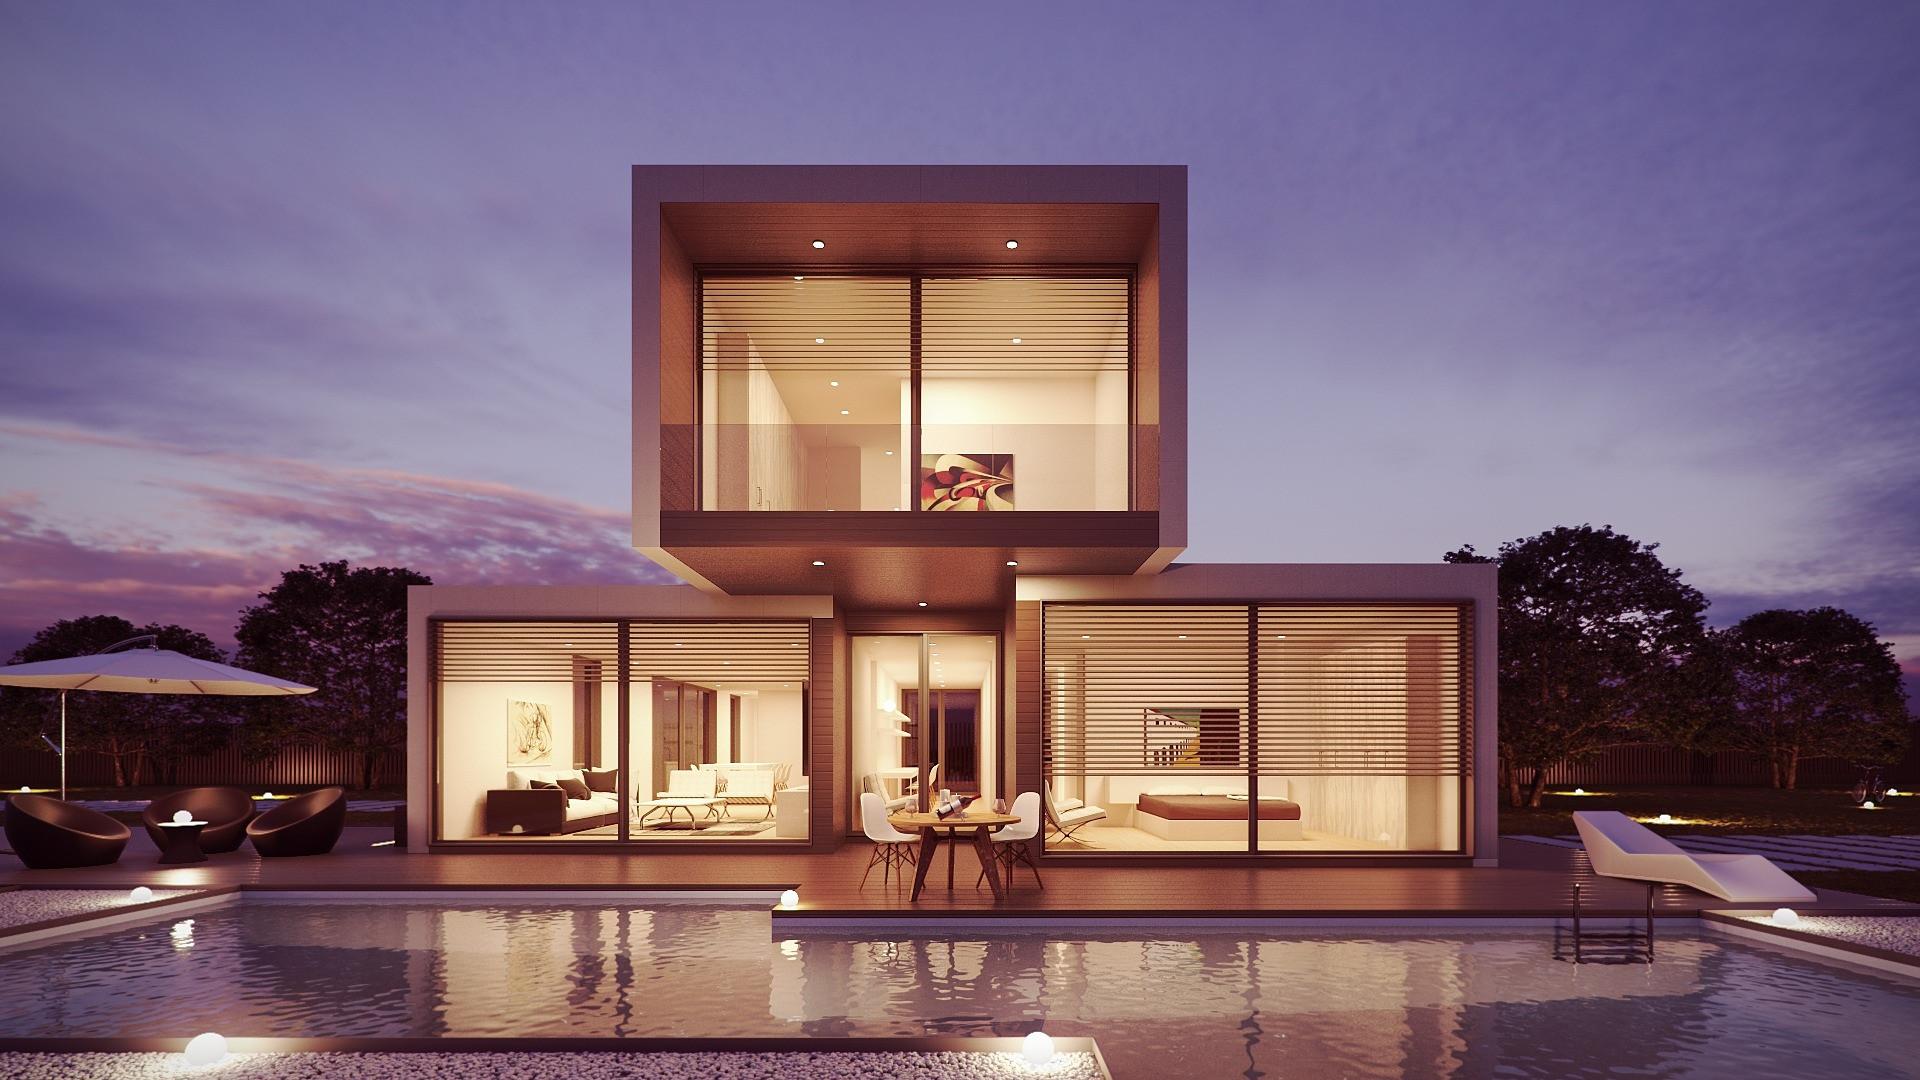 Découvrez comment agrandir votre maison sur Vannes grâce aux extensions